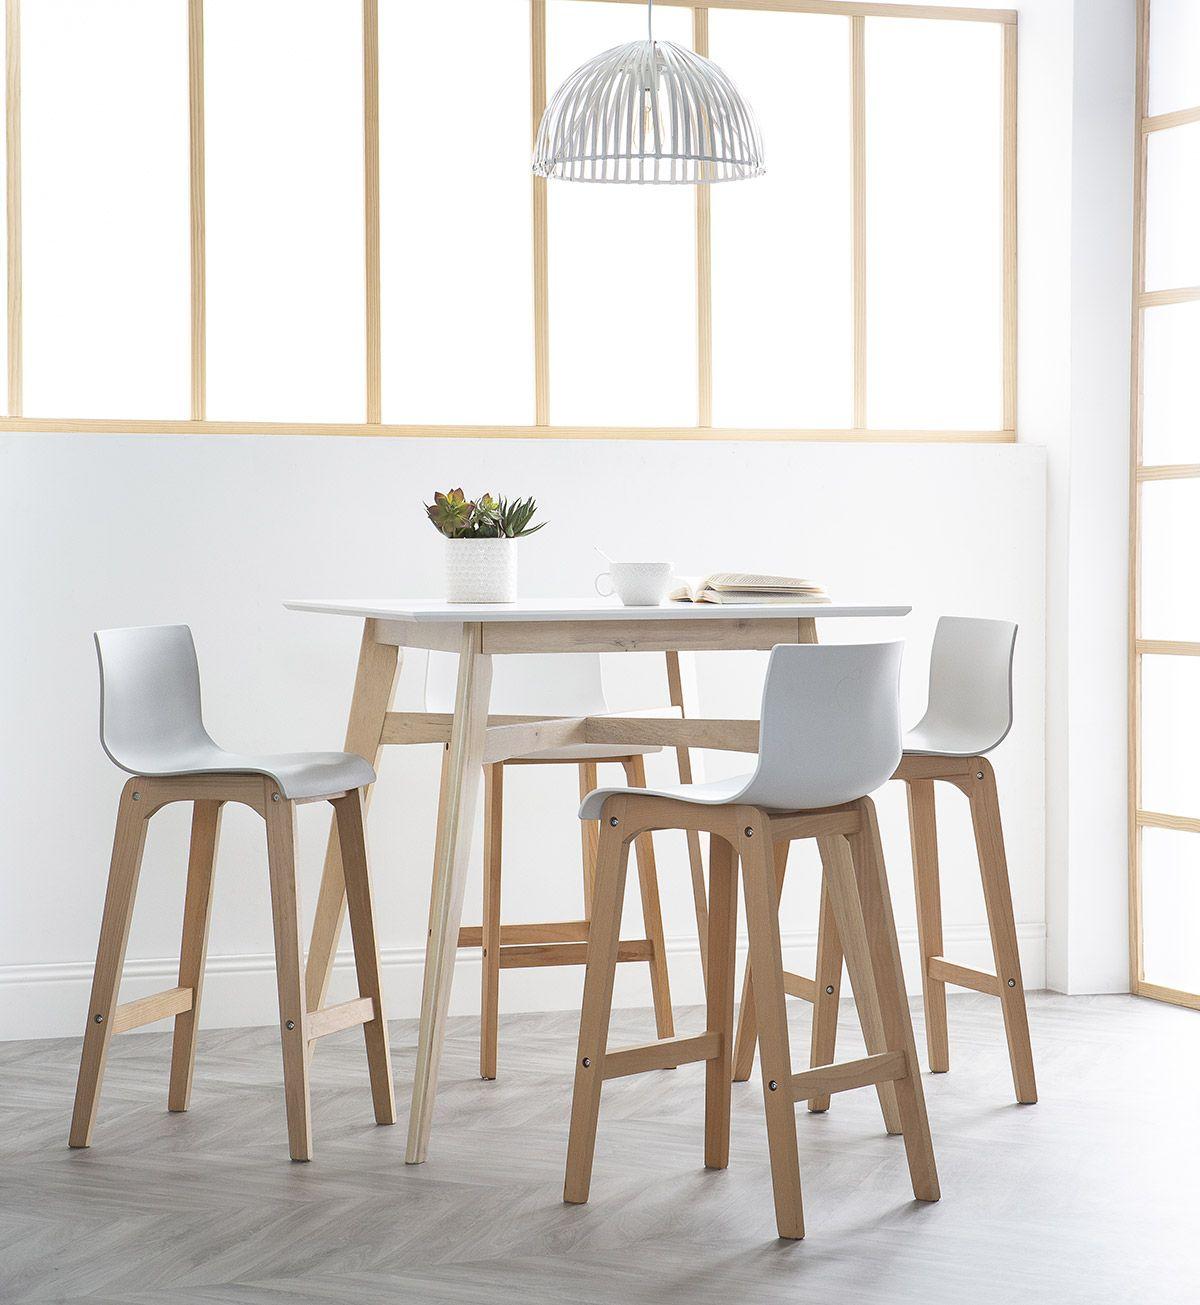 Rechercher | Mange debout bois, Deco lit, Table basse design